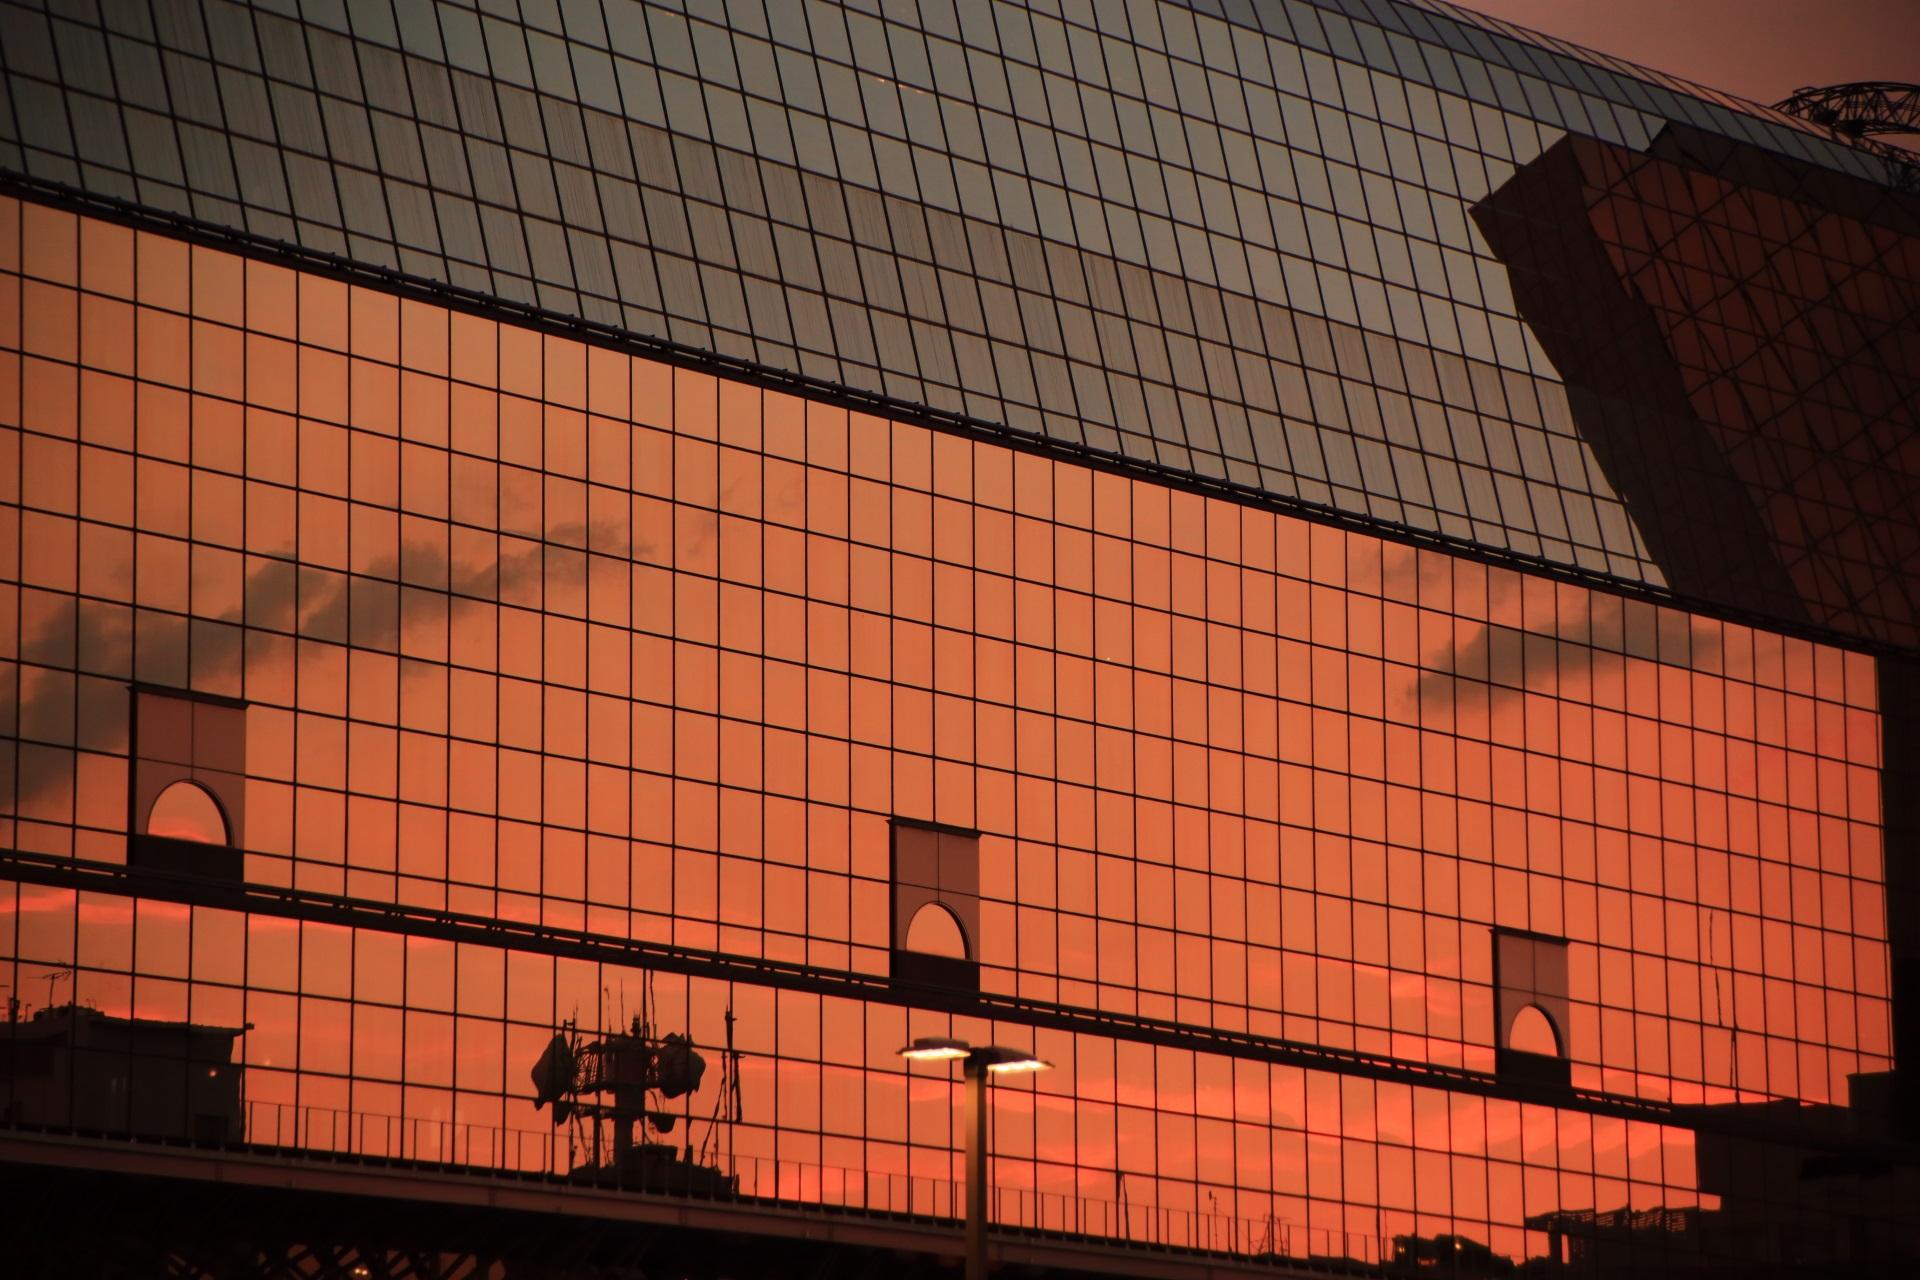 4000枚程のガラスが使用されている京都駅ビルの中央部分